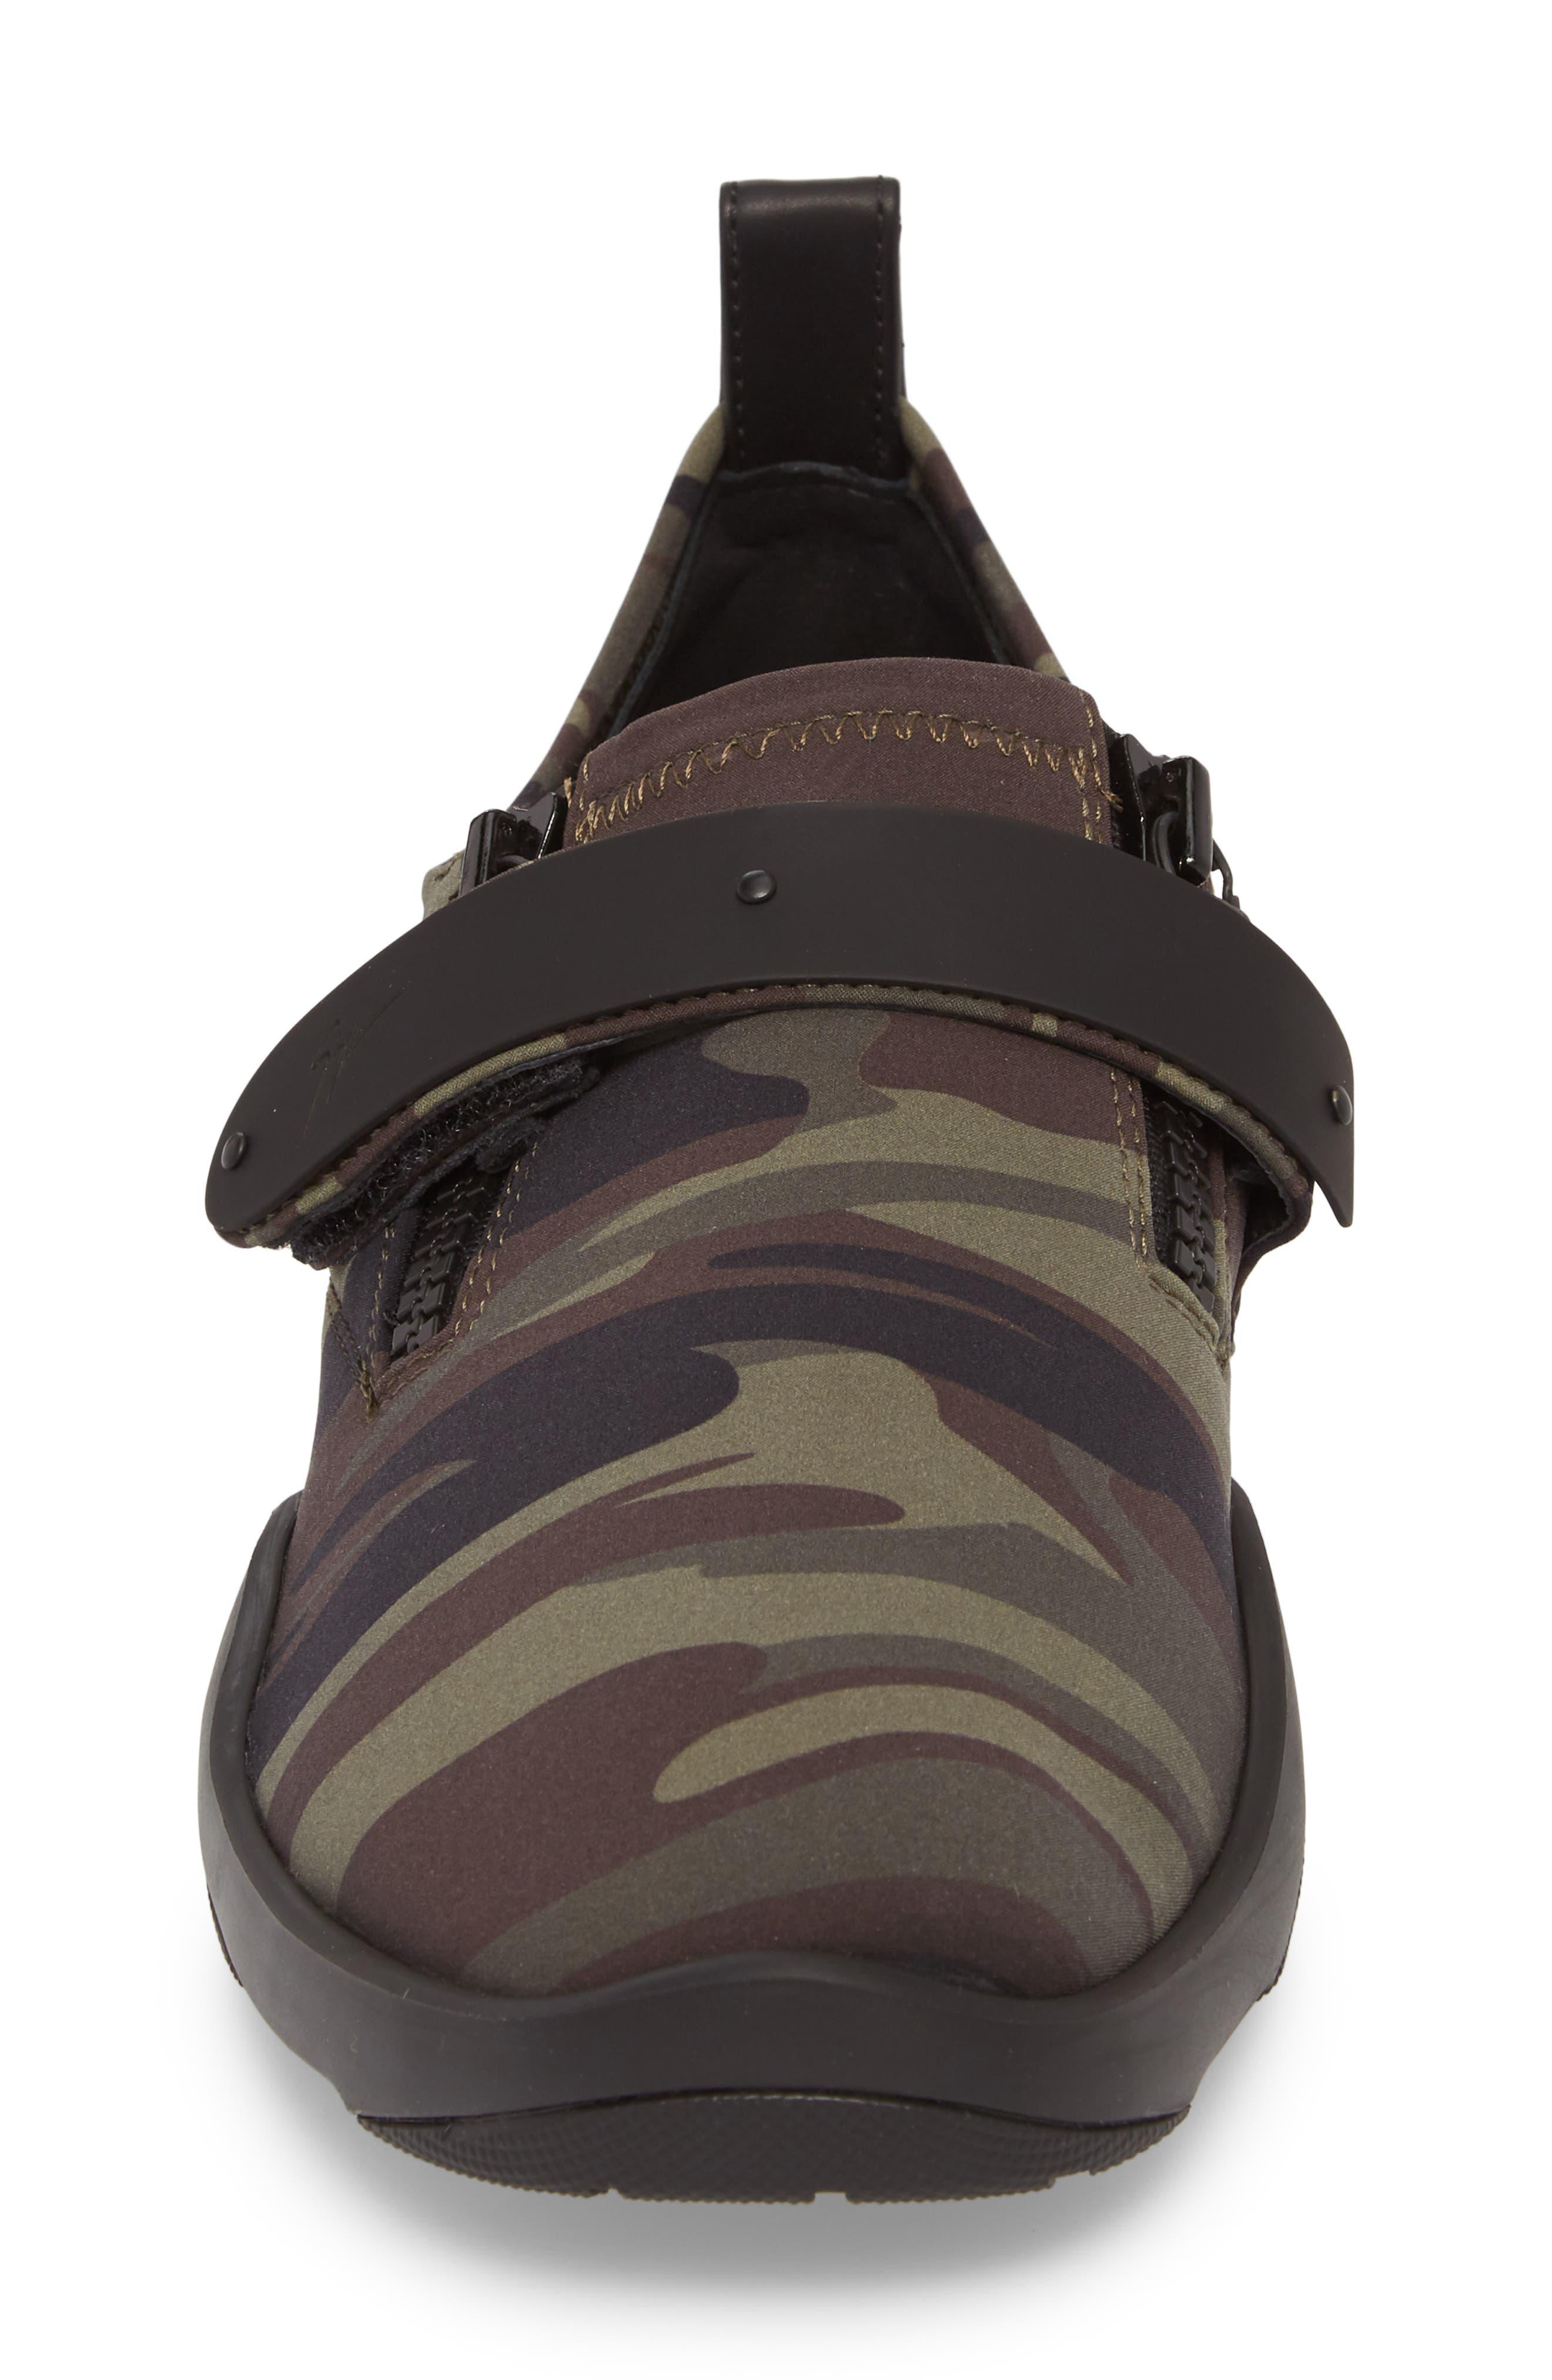 Scuba Strap Sneaker,                             Alternate thumbnail 4, color,                             Military Neoprene